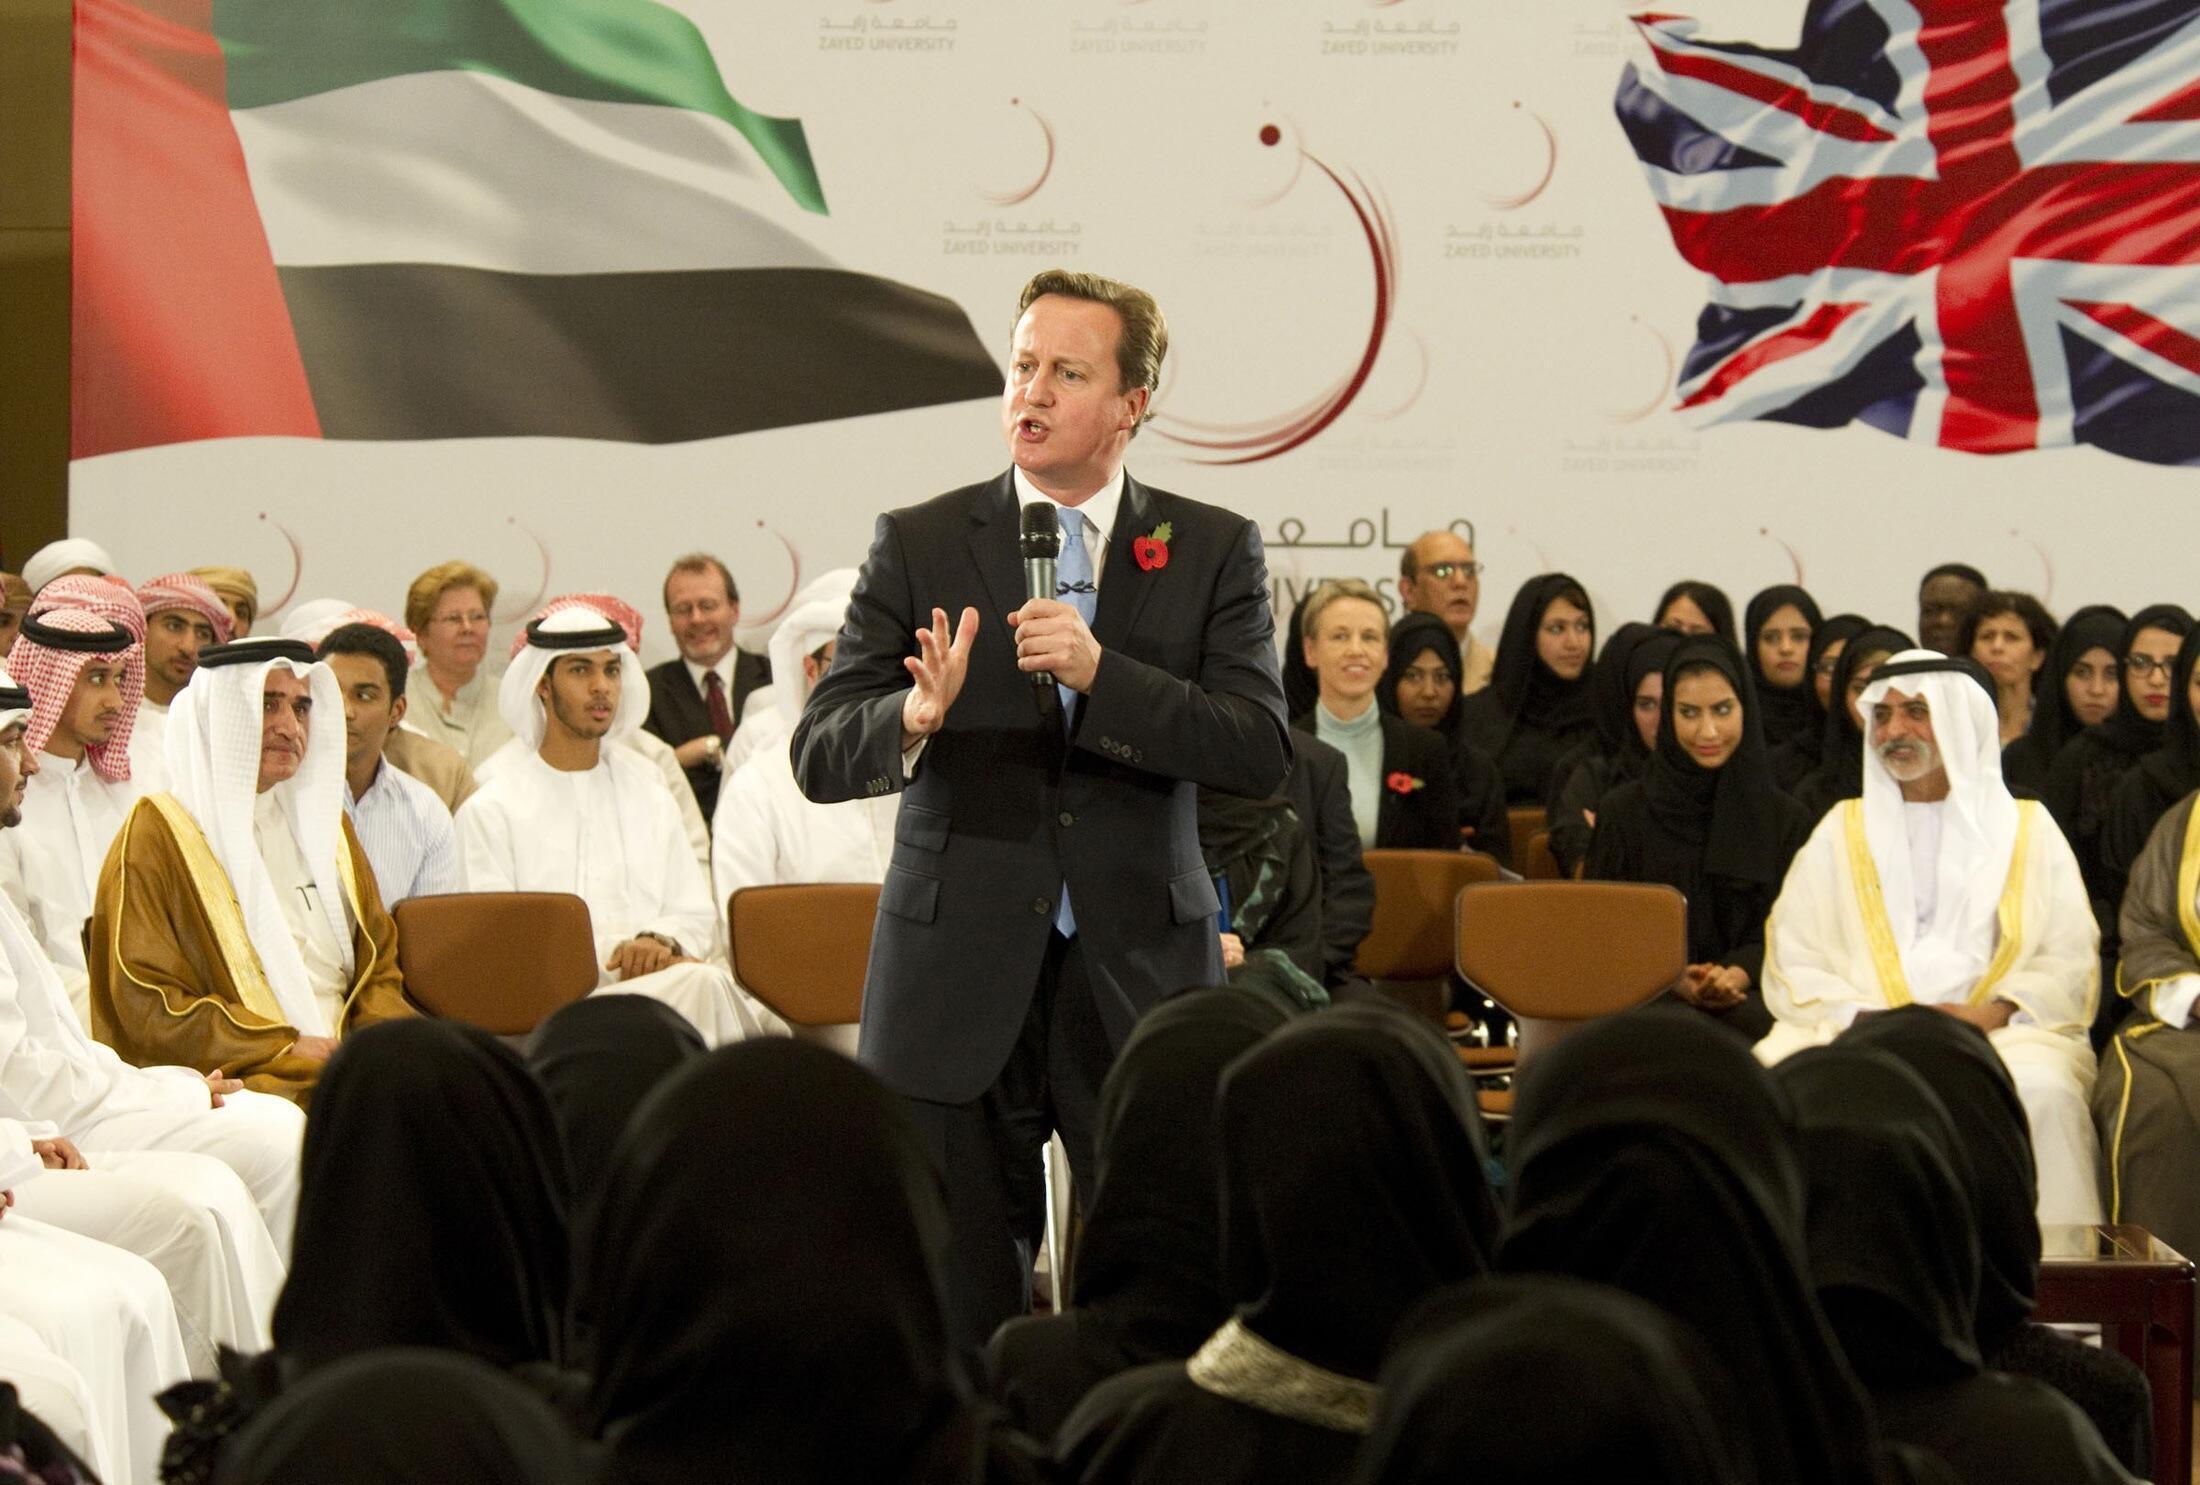 دیوید کامرون، نخست وزیر بریتانیا، در دانشگاه ابوظبی - ١٥ آبان/ ٥ نوامبر ٢٠١٢